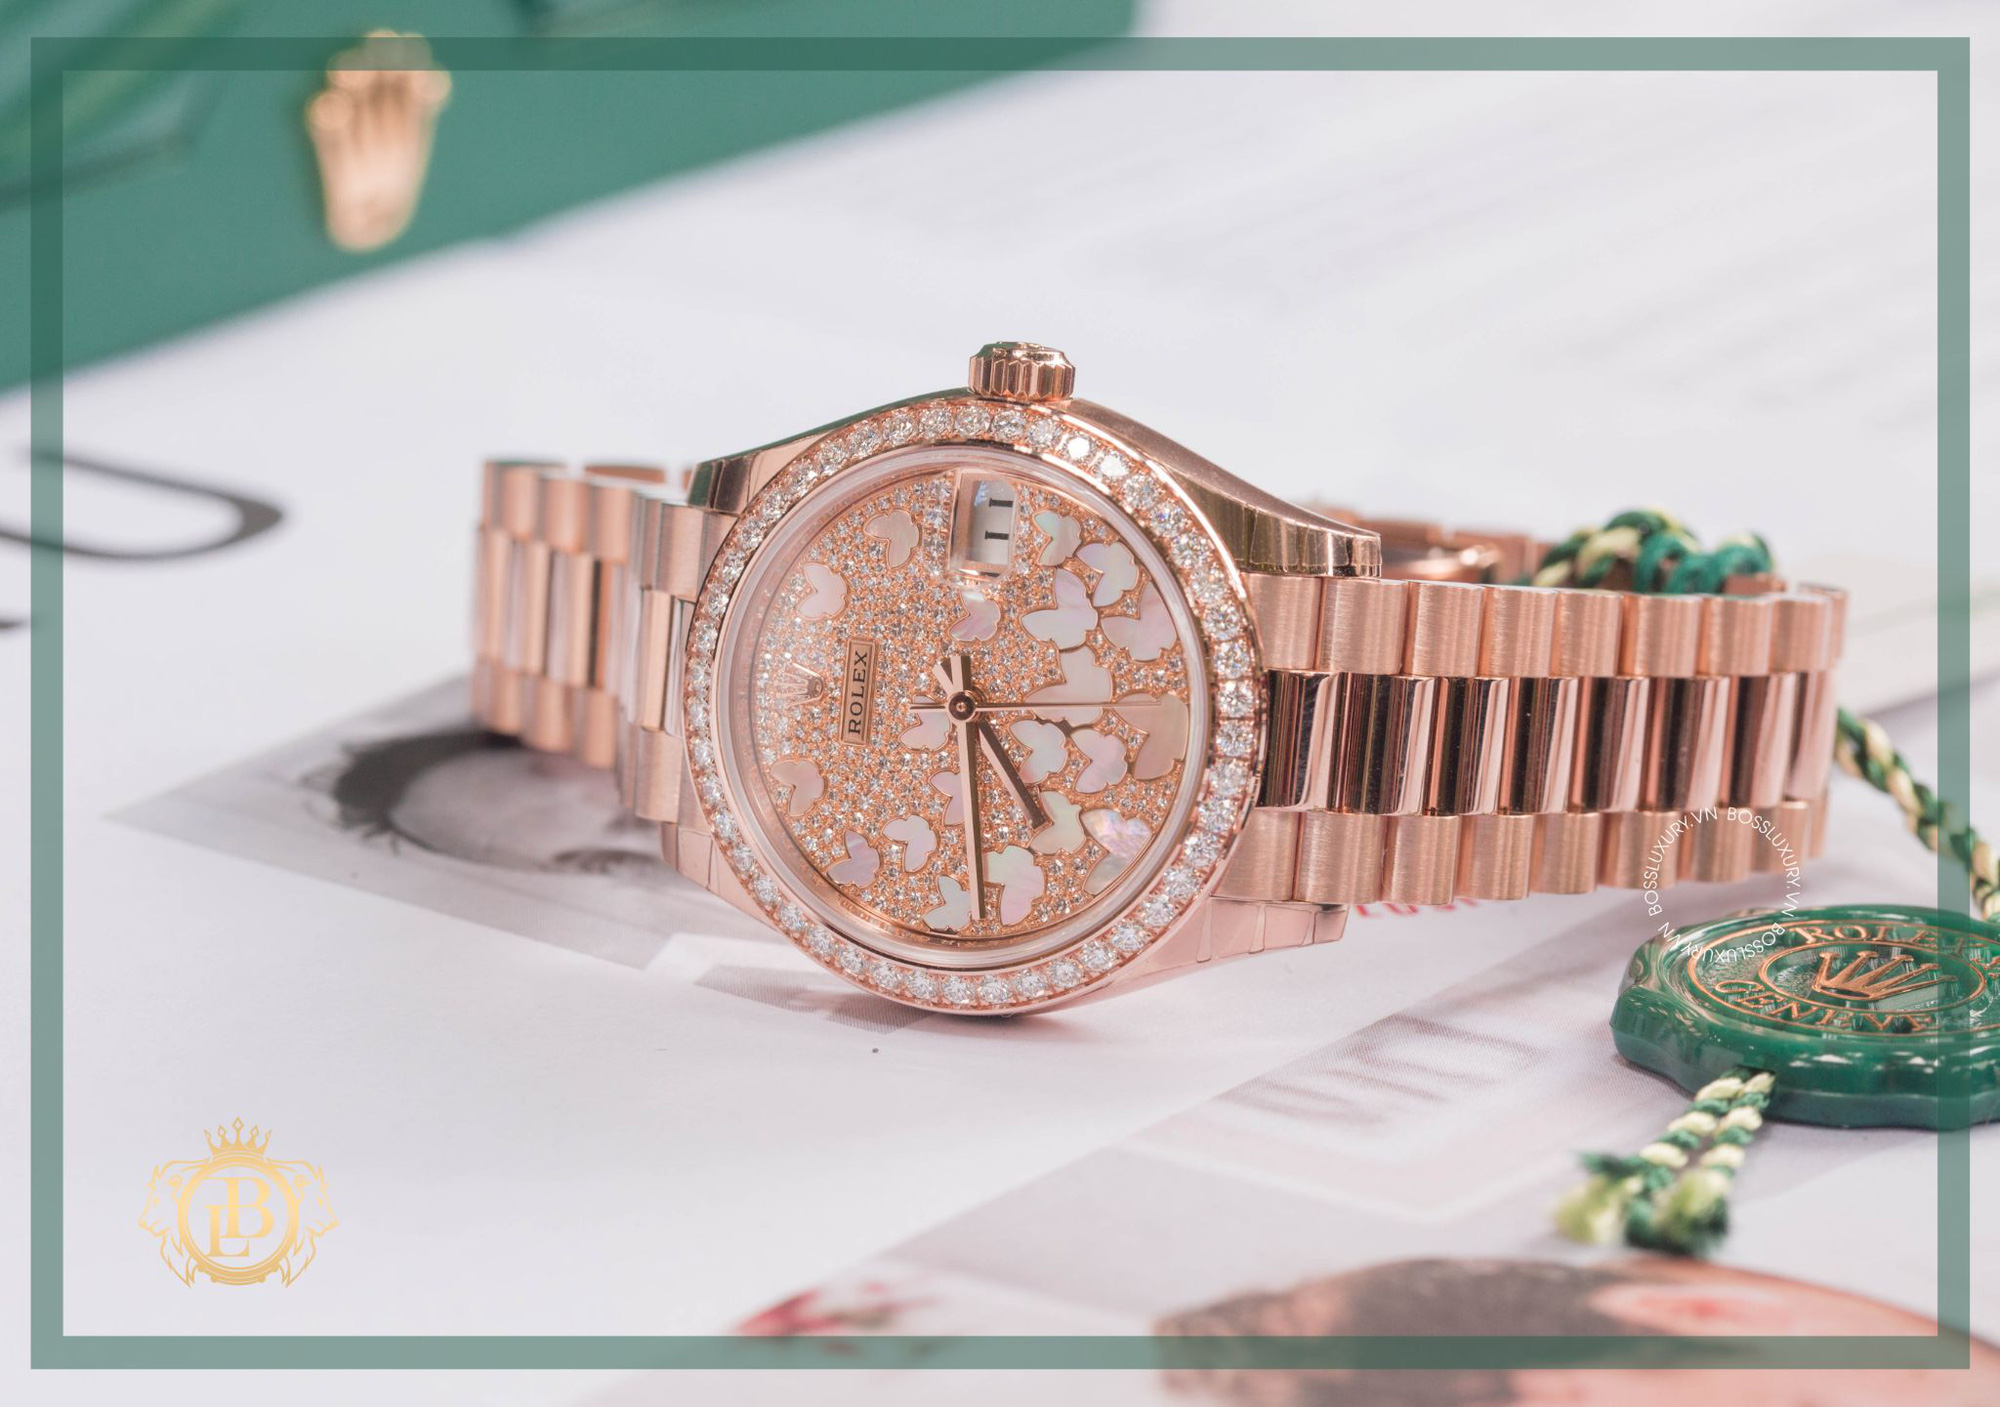 """Boss Luxury """"bật mí"""" bí quyết nâng tầm phong cách với đồng hồ Rolex kim cương lấp lánh - Ảnh 1."""